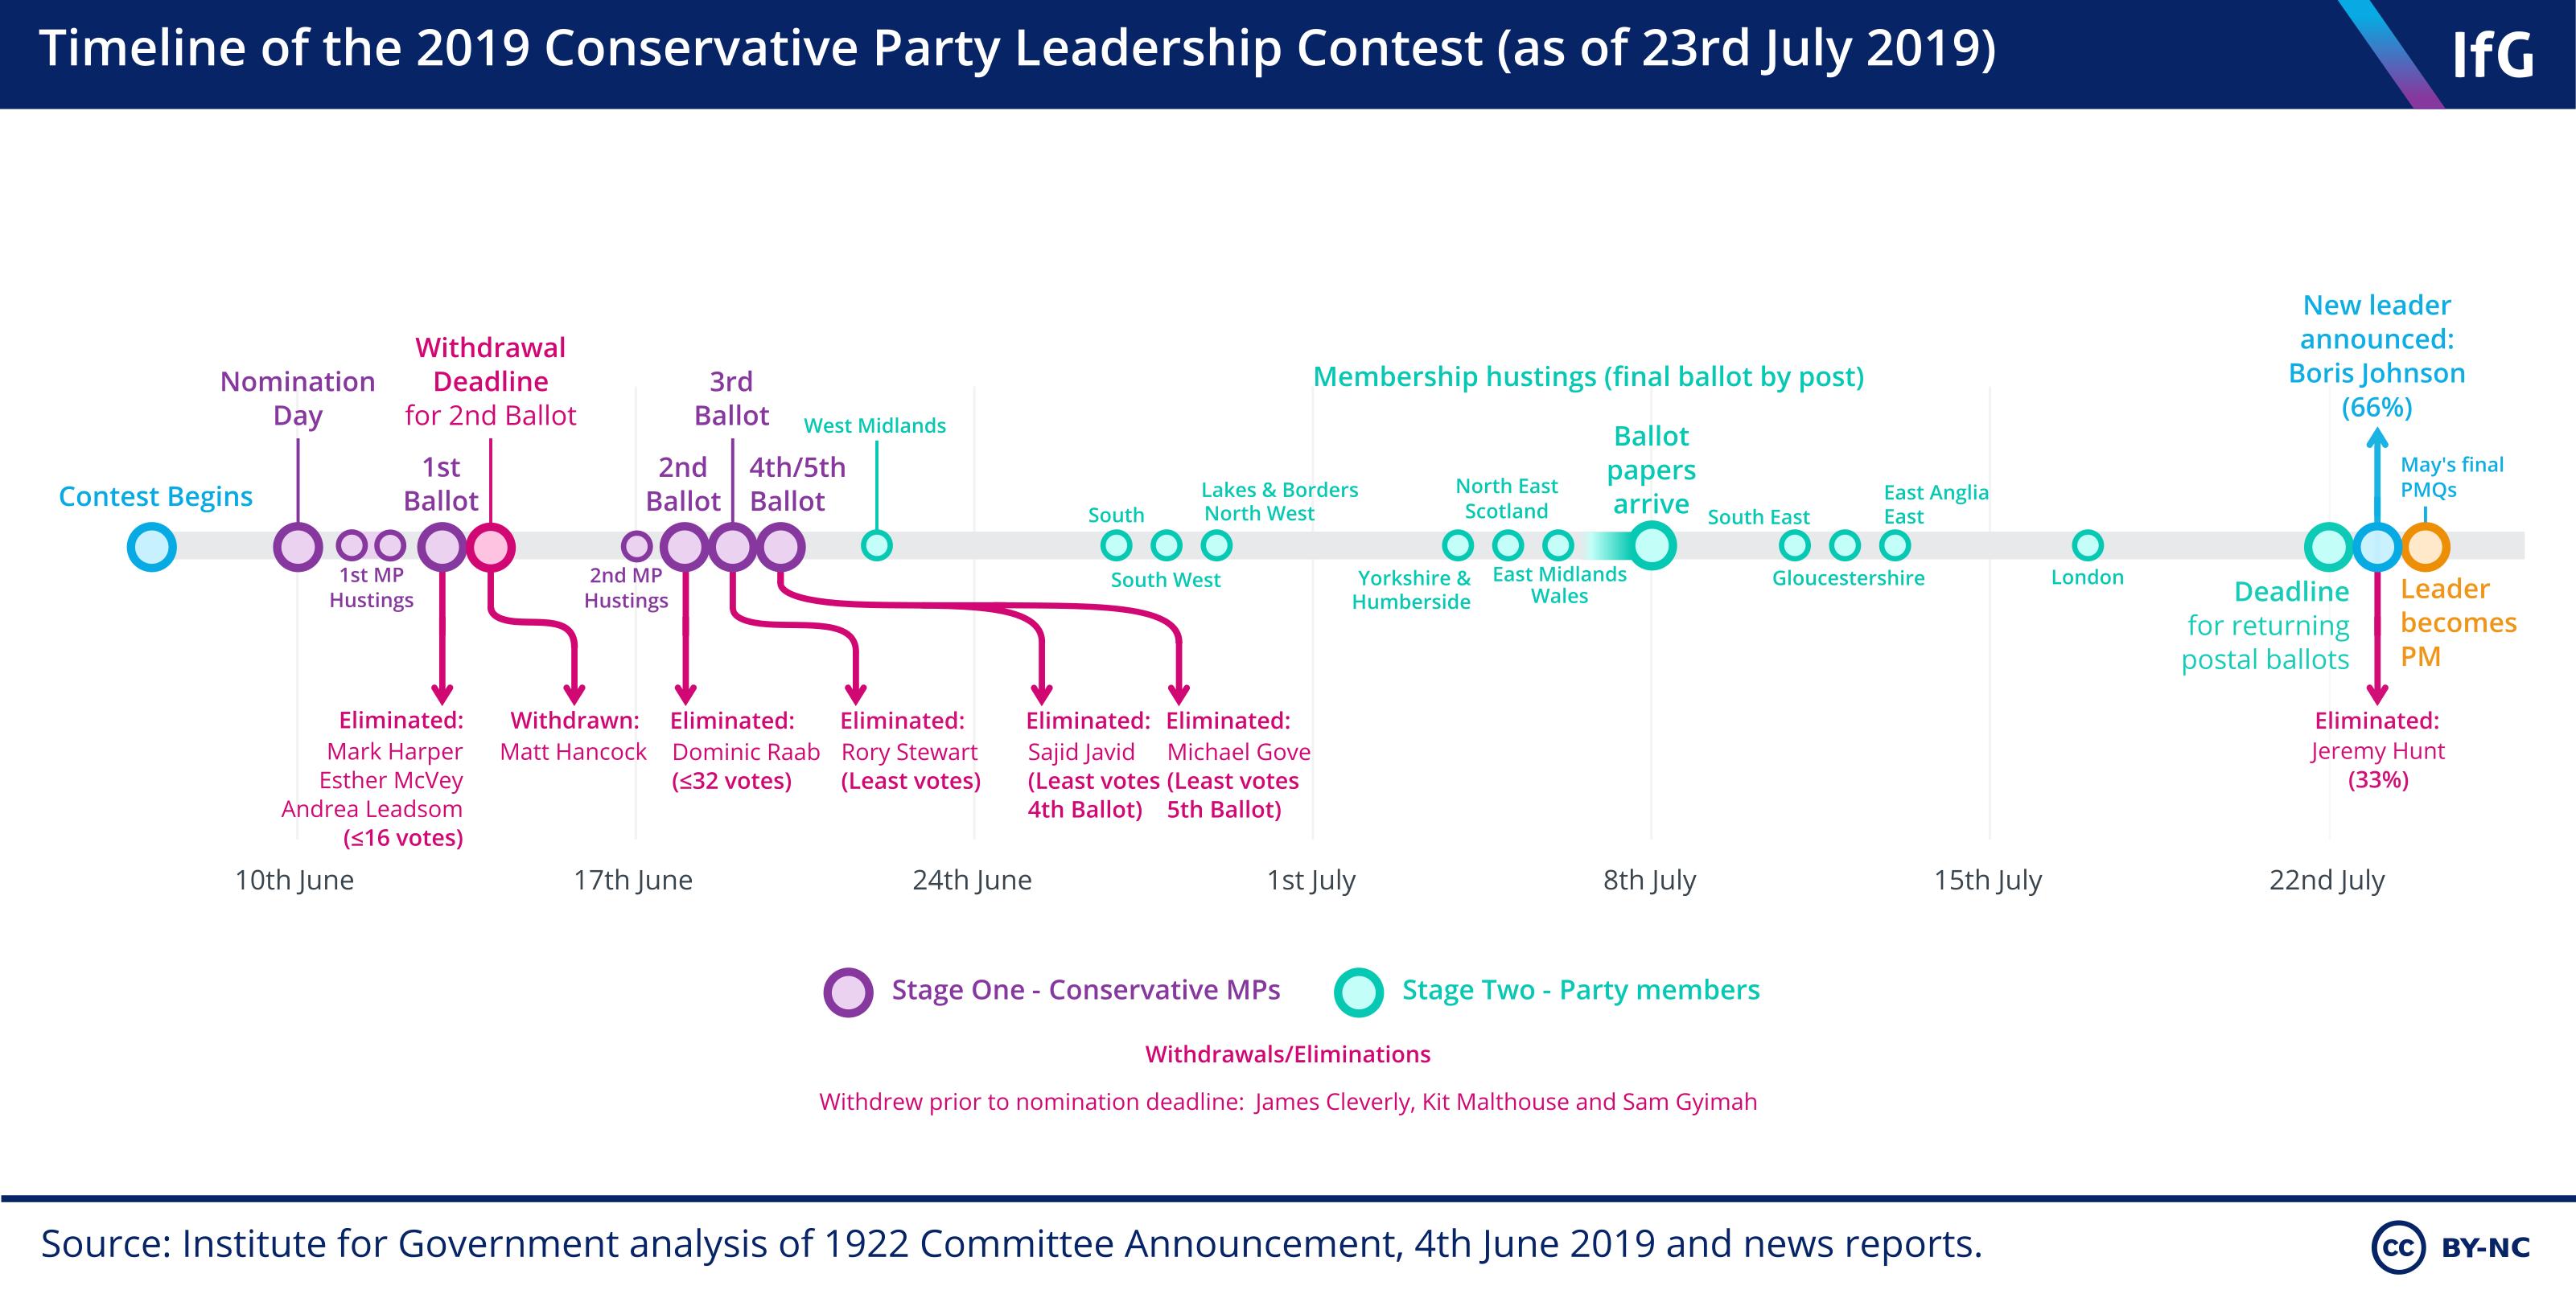 Conservative leadership election timeline